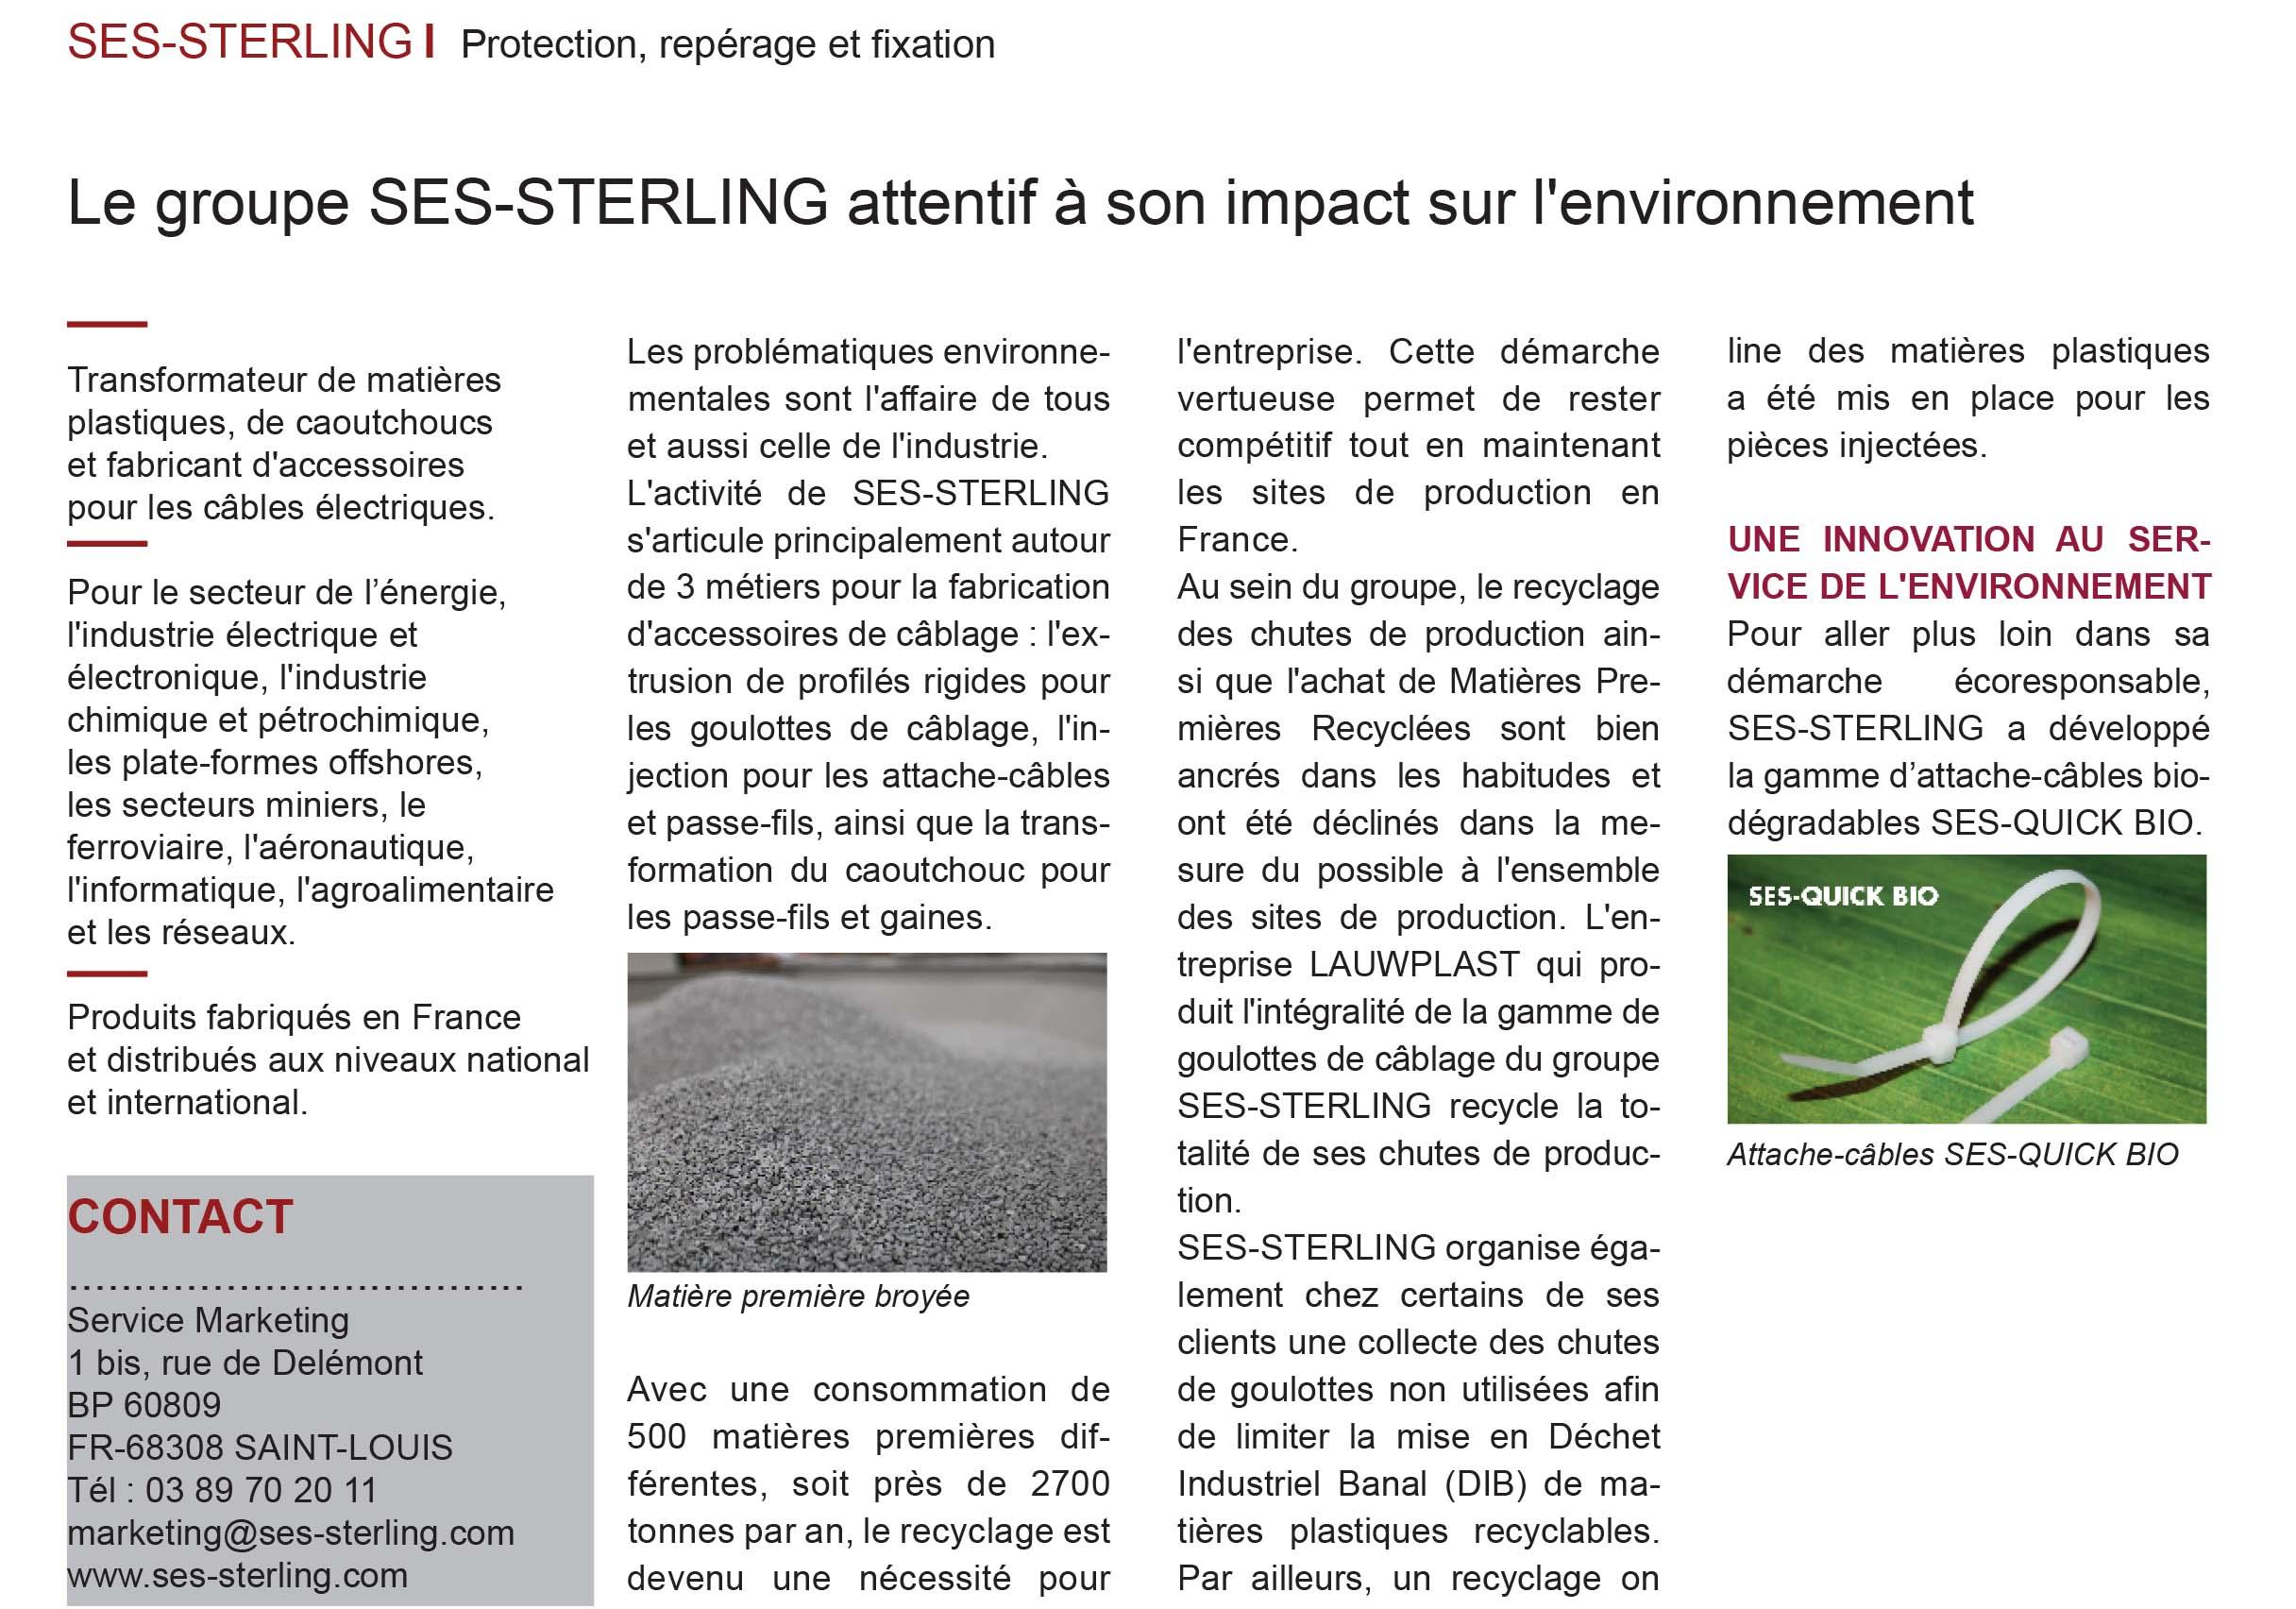 SES-STERLING : Une entreprise respectueuse de l'environnement (L'usine Nouvelle - Décembre 2018)